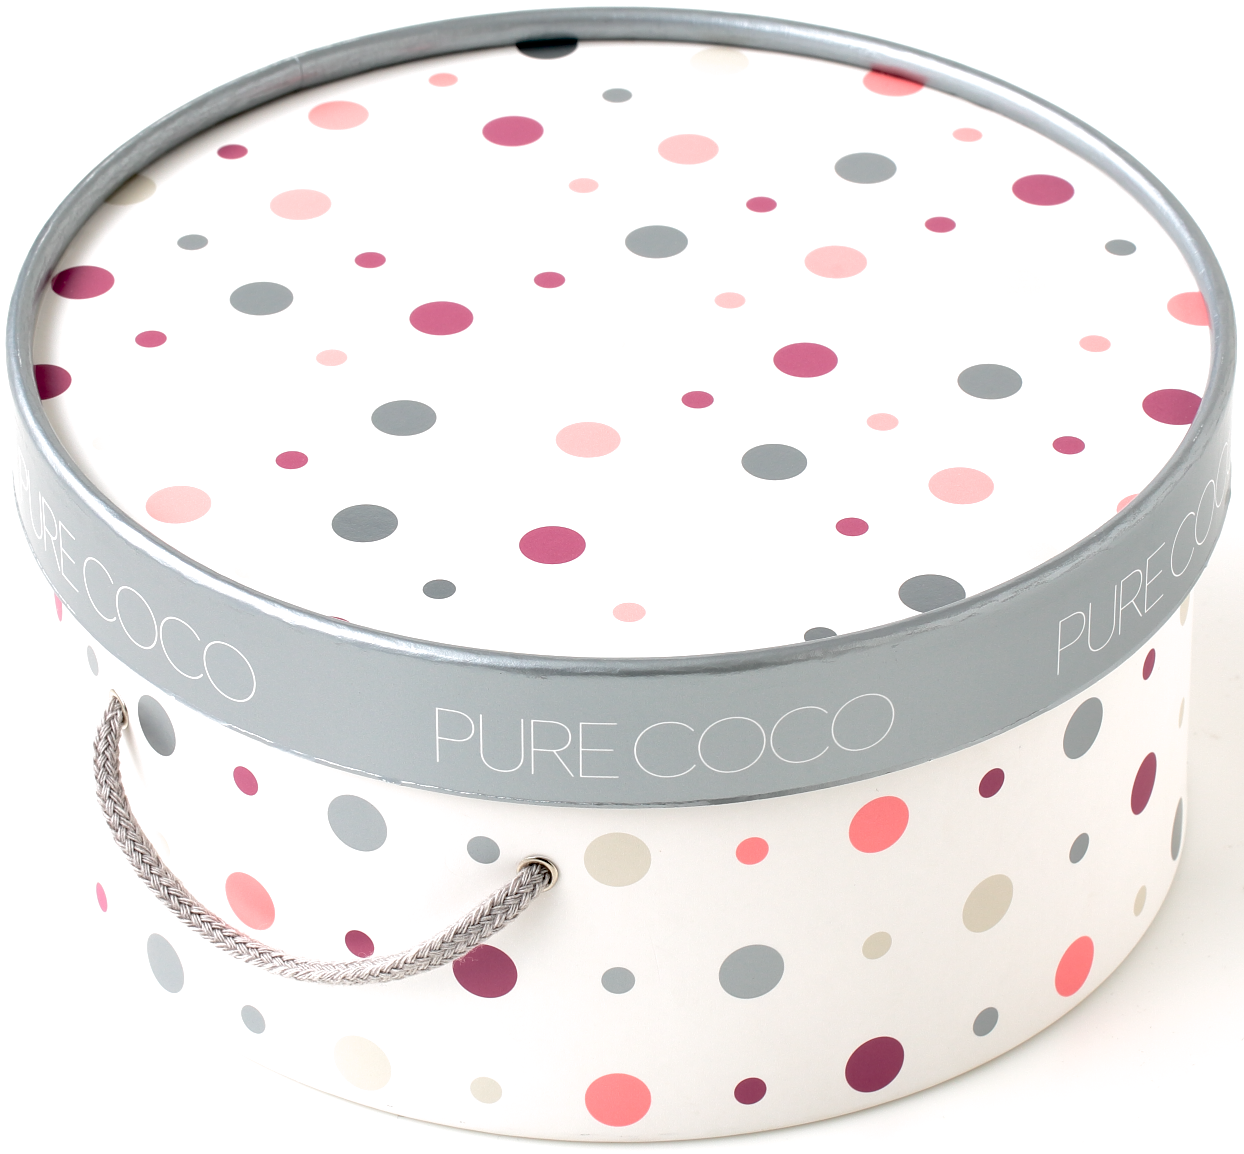 商品もパッケージもおしゃれすぎるっ♡ 代官山にあるお菓子ブランド『pure coco』って知ってる?_2_4